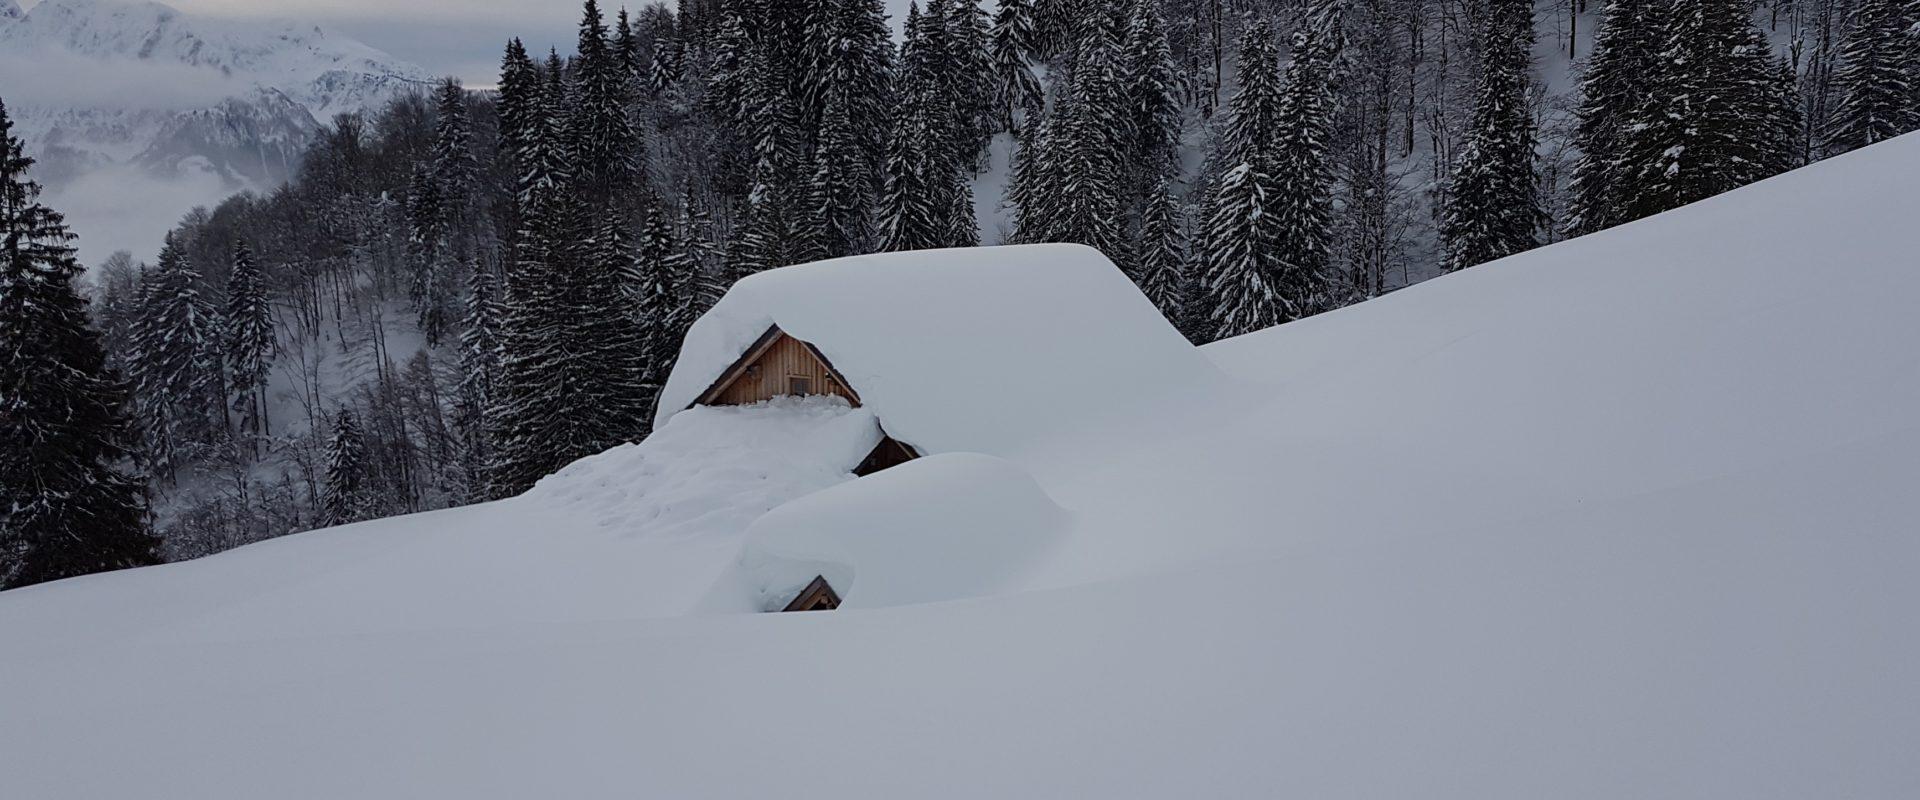 Grabneralm Ziegenstall Gesäuse Privatzimmer Gassner Ferienwohnungen Nationalpark Gesäuse Winter nördlich der Enns Haus Gassner Skitour